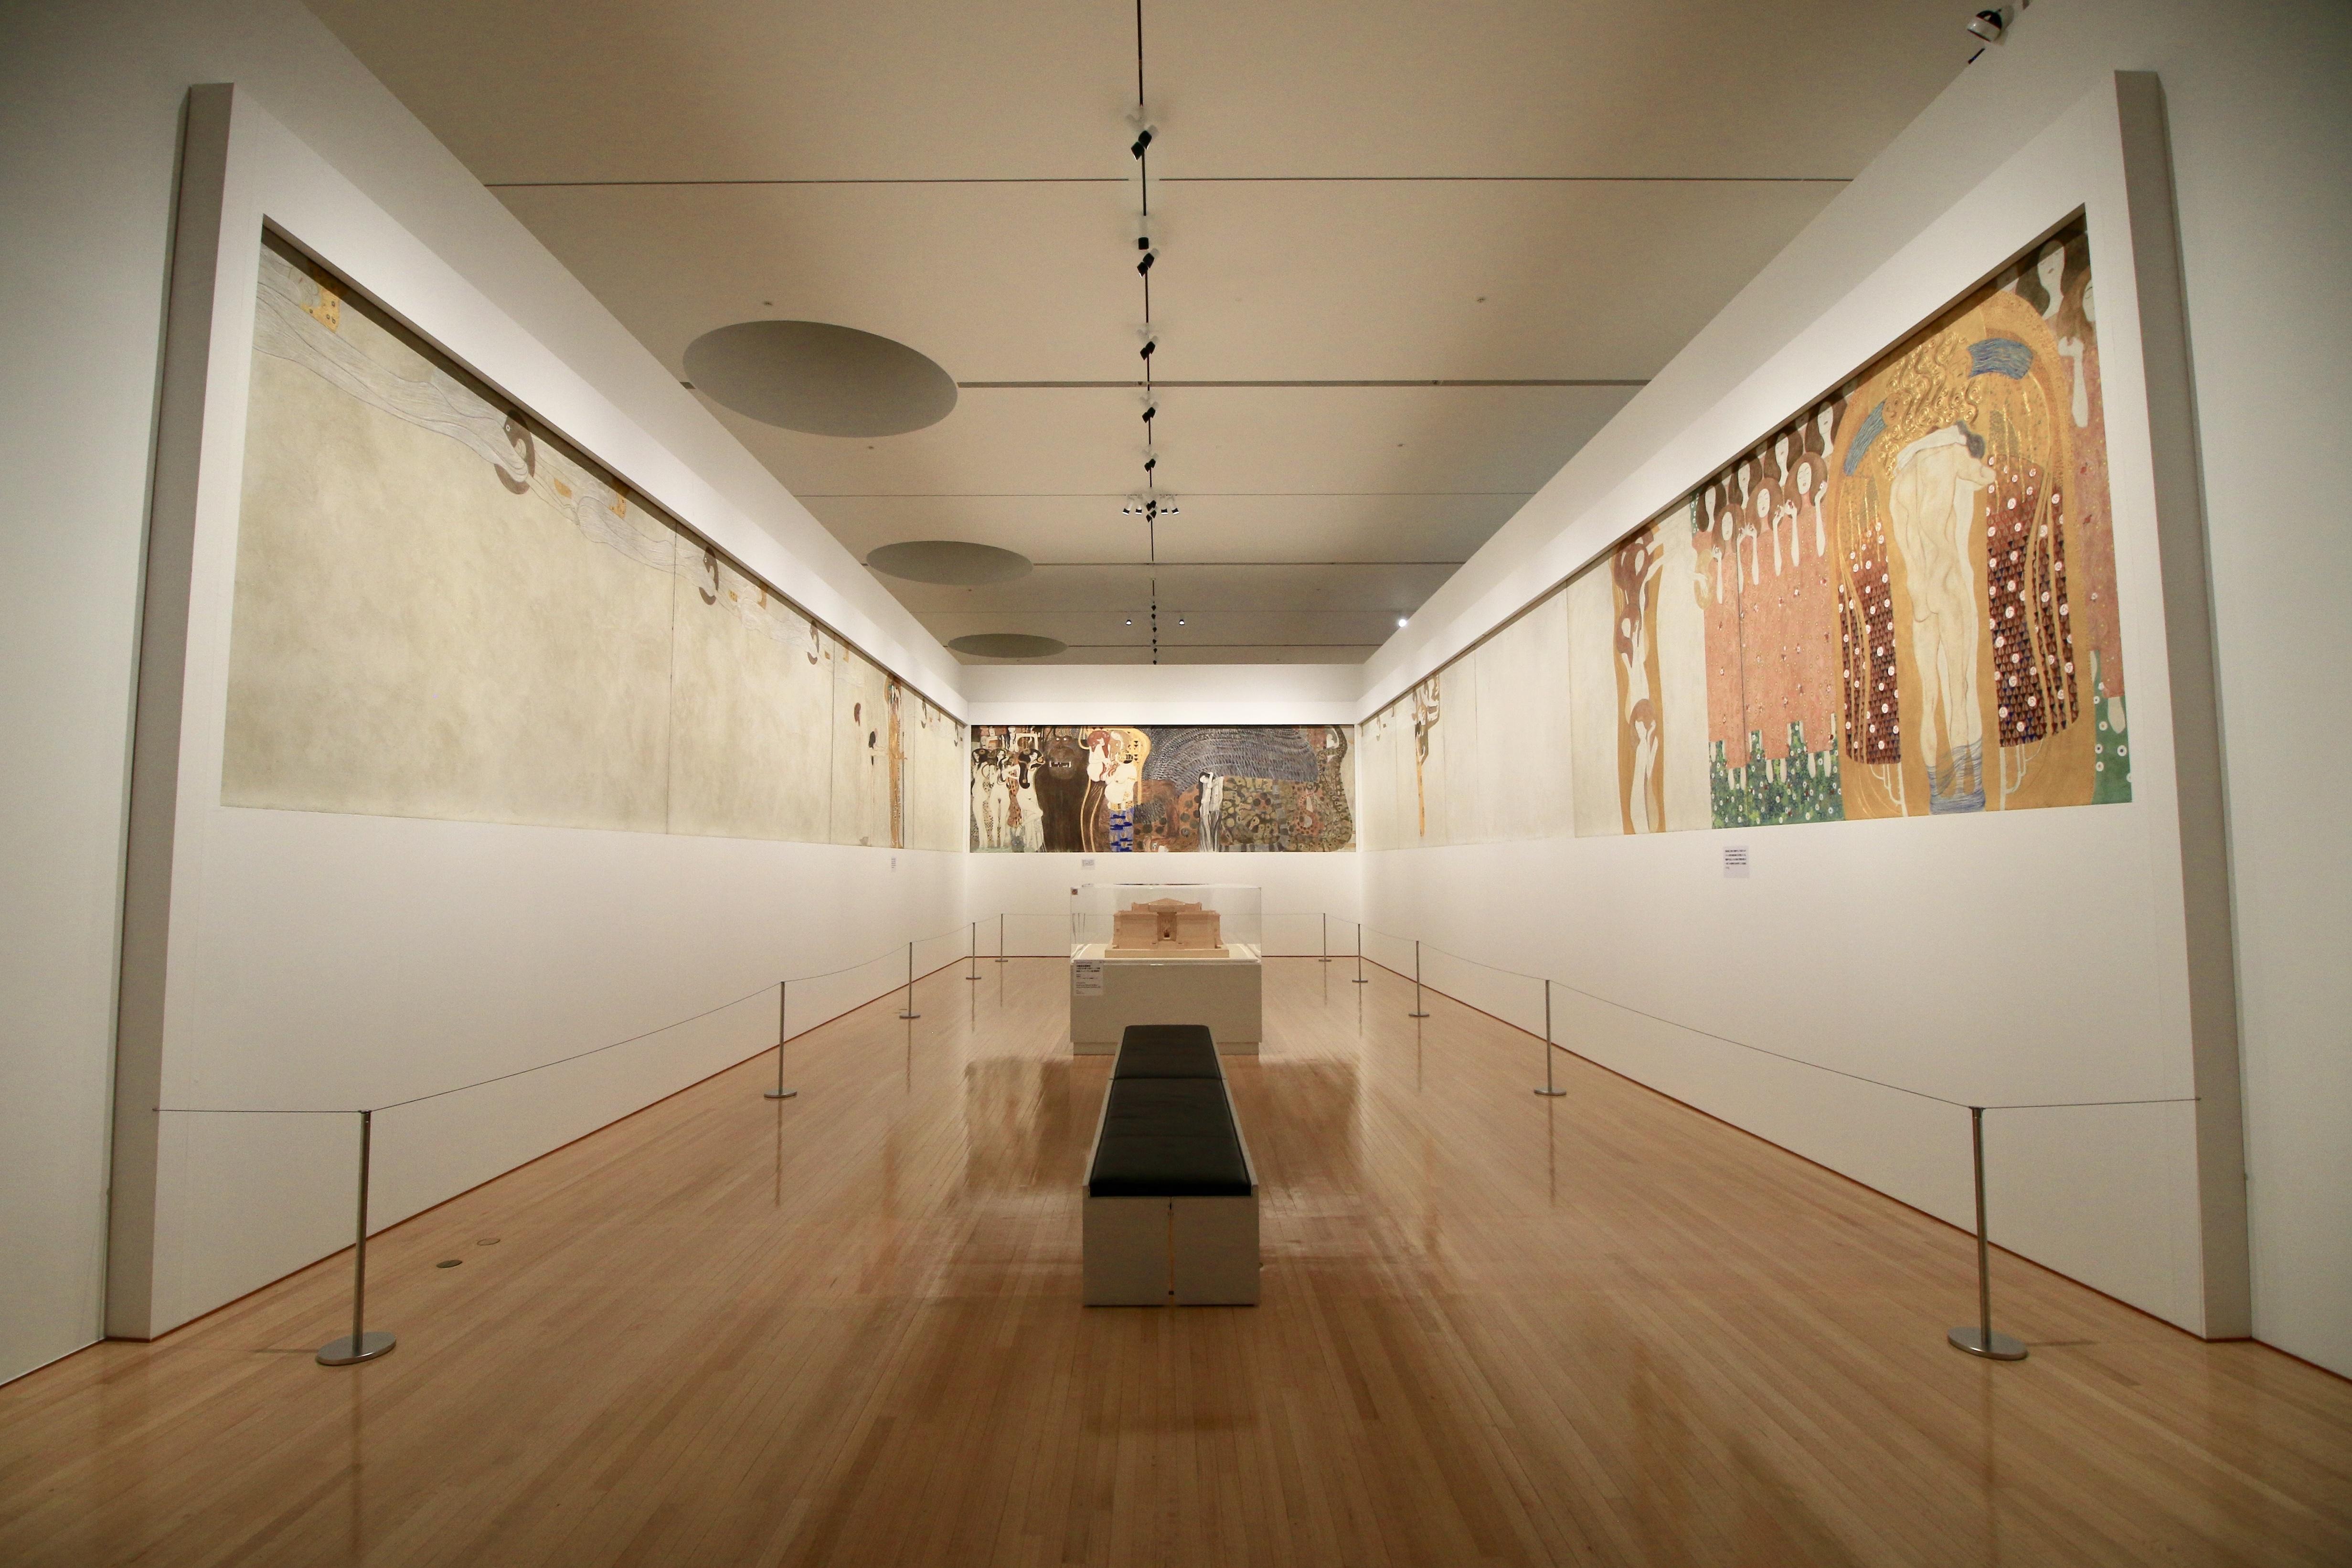 過去最大級!「クリムト展 ウィーンと日本1900」がついに豊田市美術館へ - fullsizeoutput bd